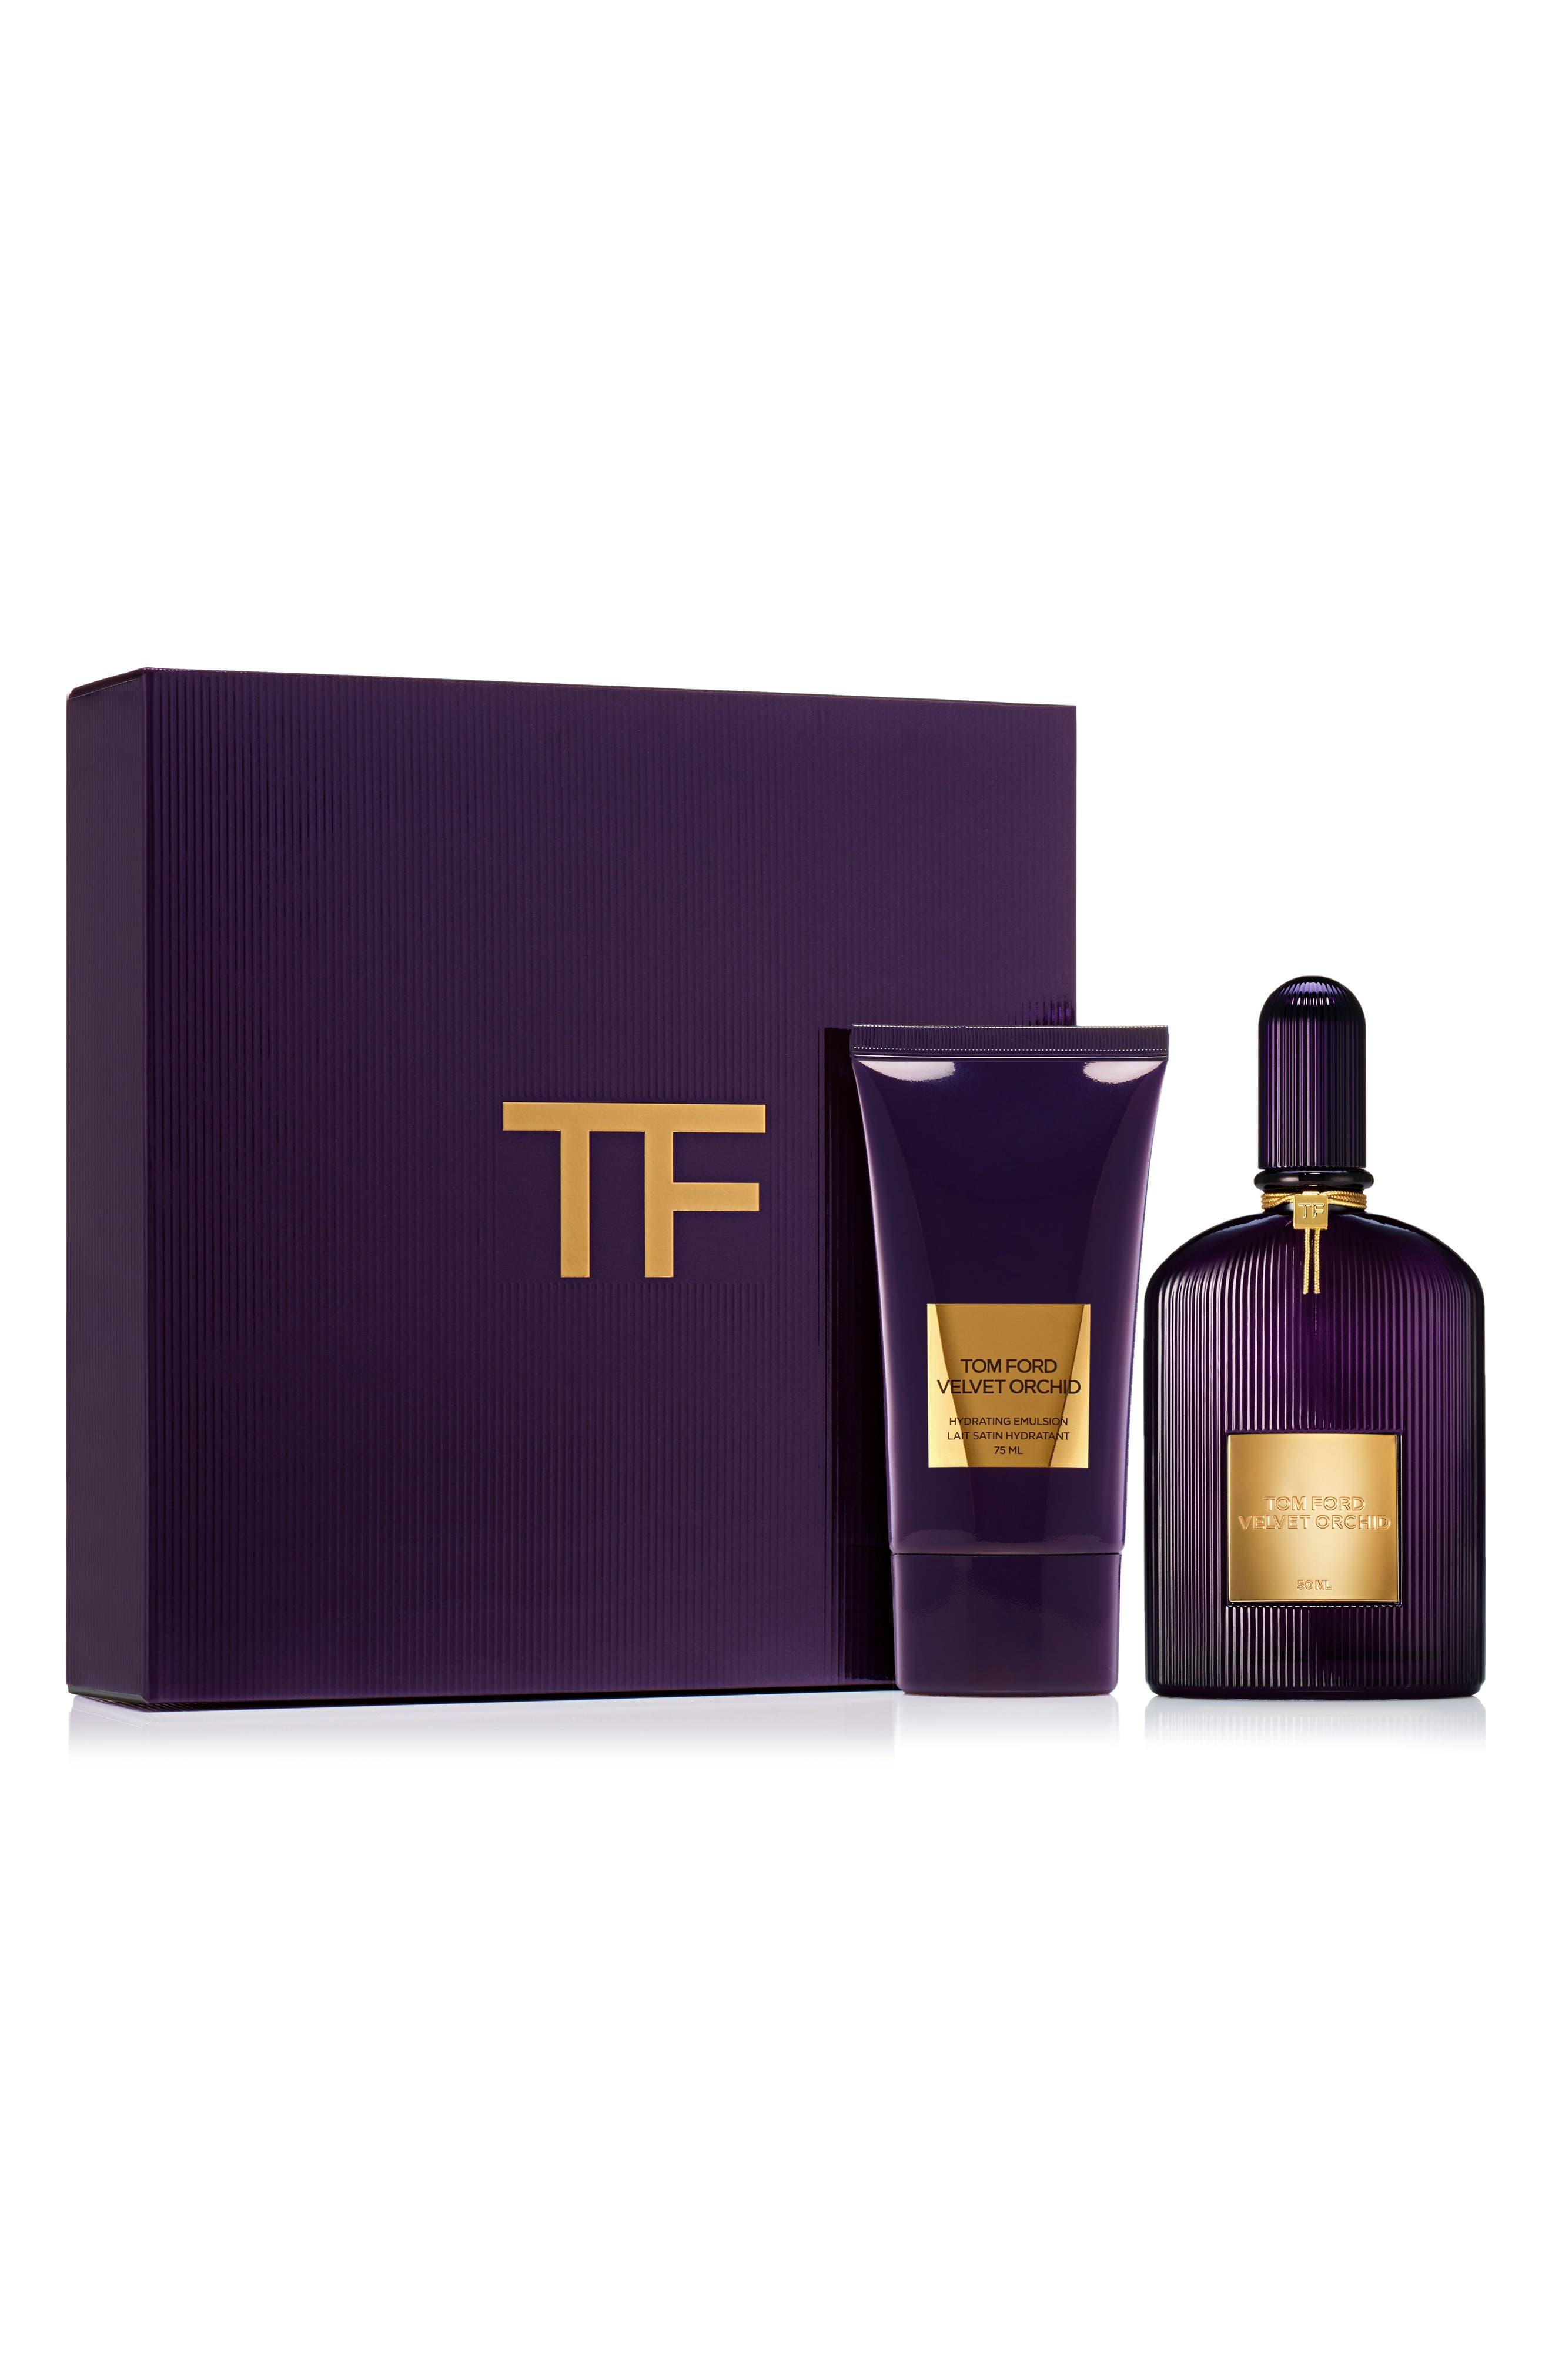 Tom Ford Velvet Orchid Duo